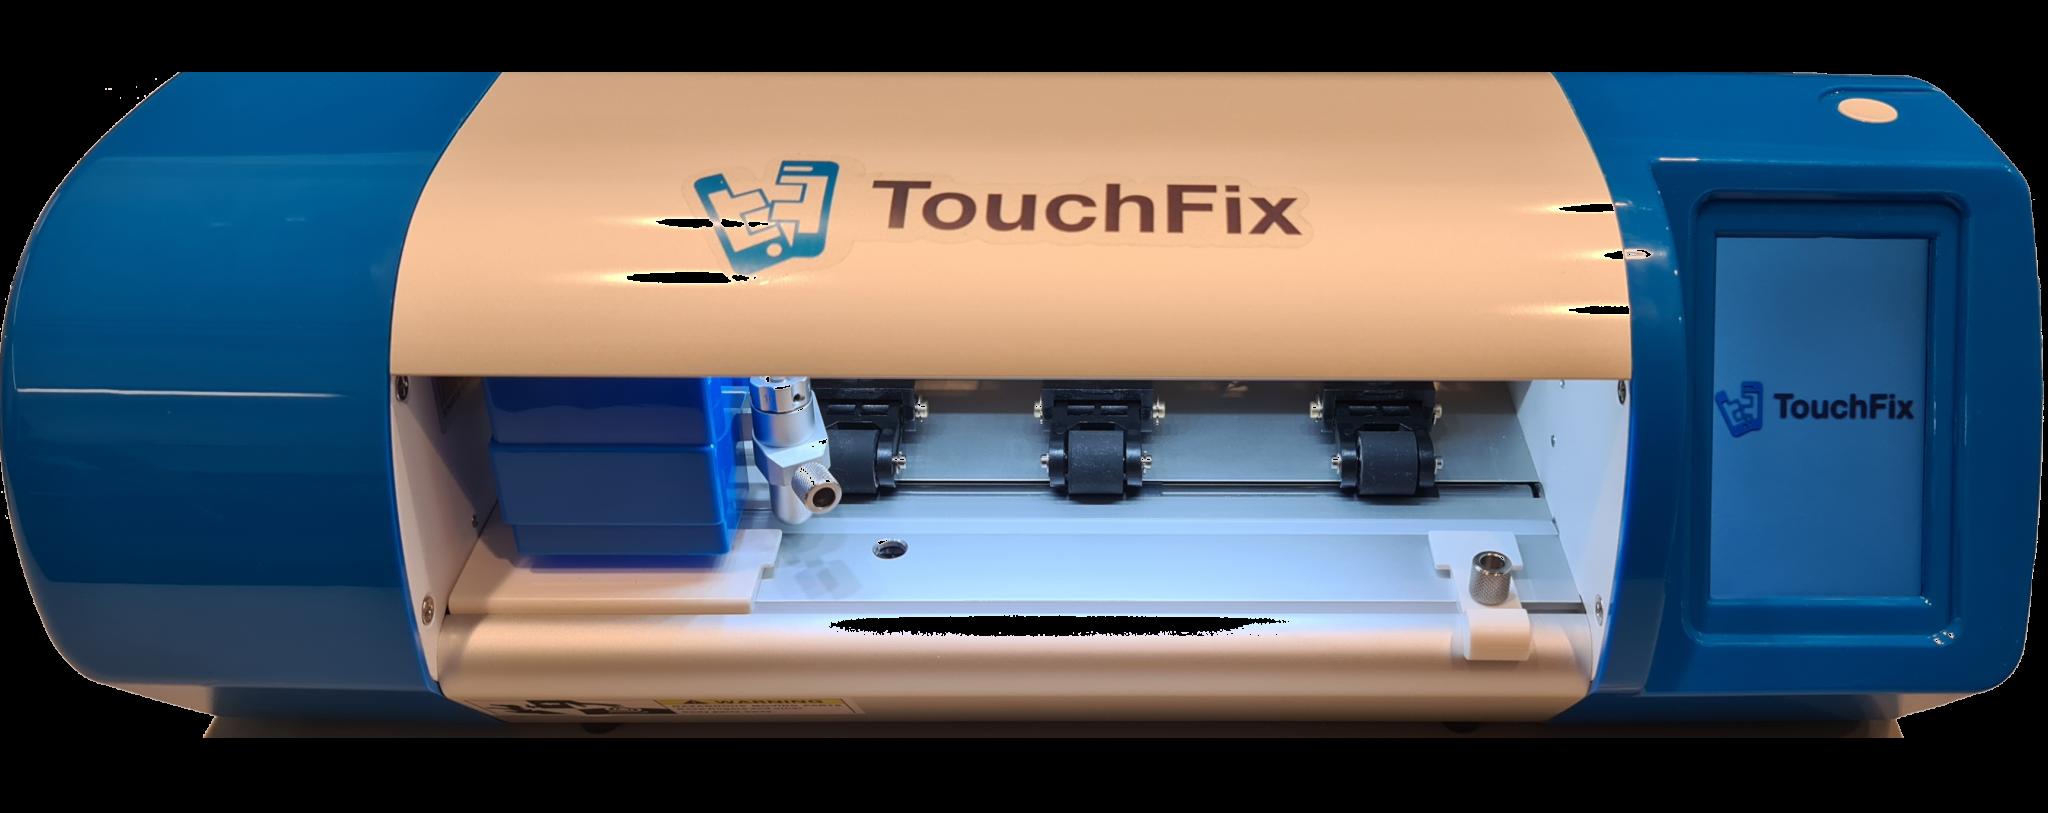 TouchFix Screen Protector cutter